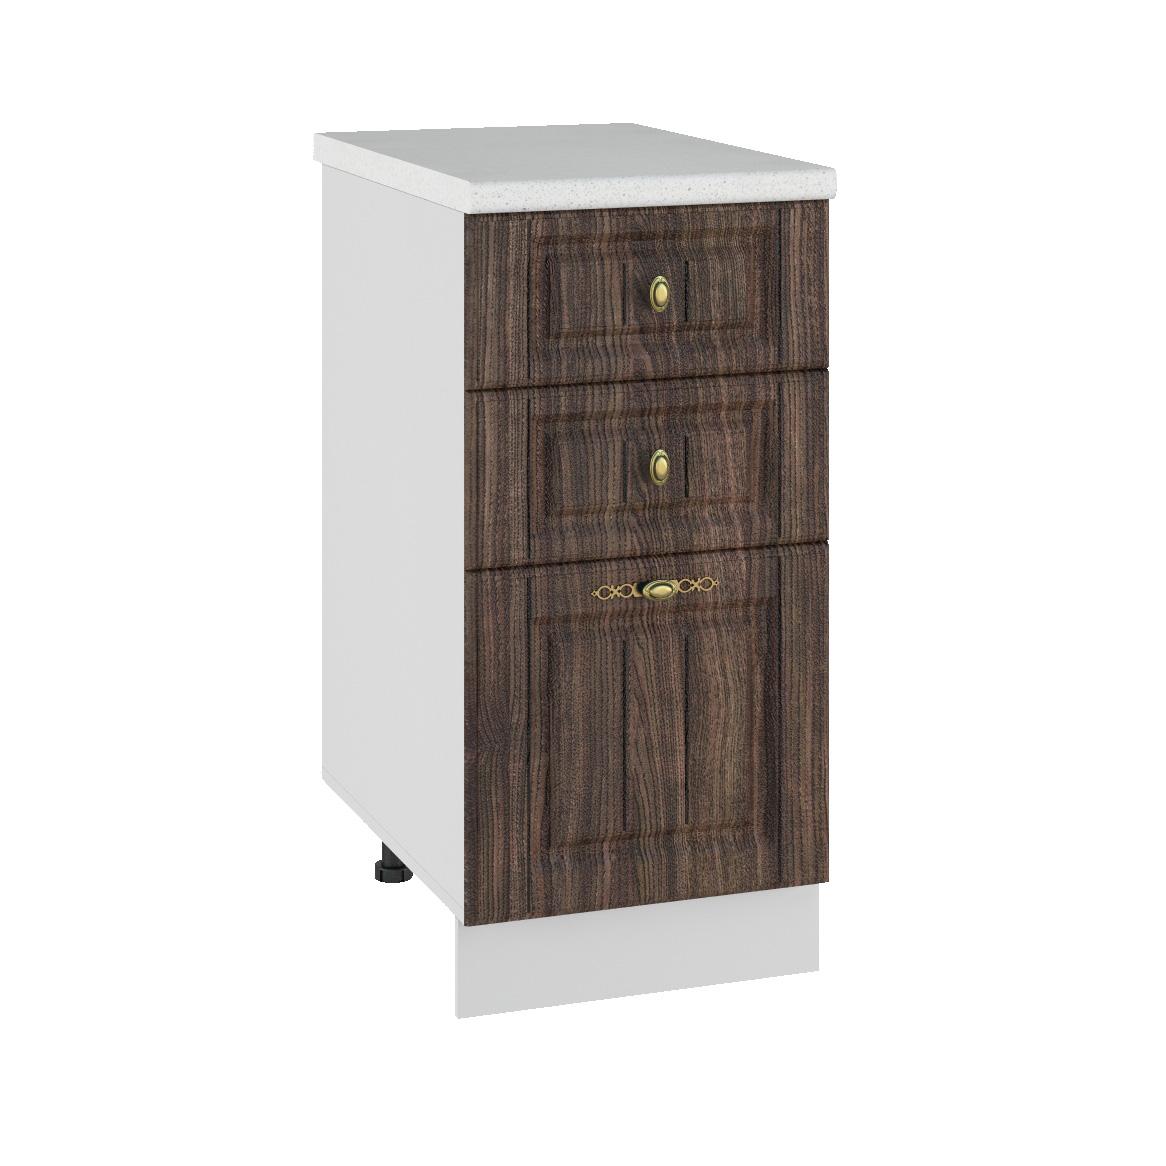 Кухня Империя СЯ 400 Шкаф нижний с ящиками